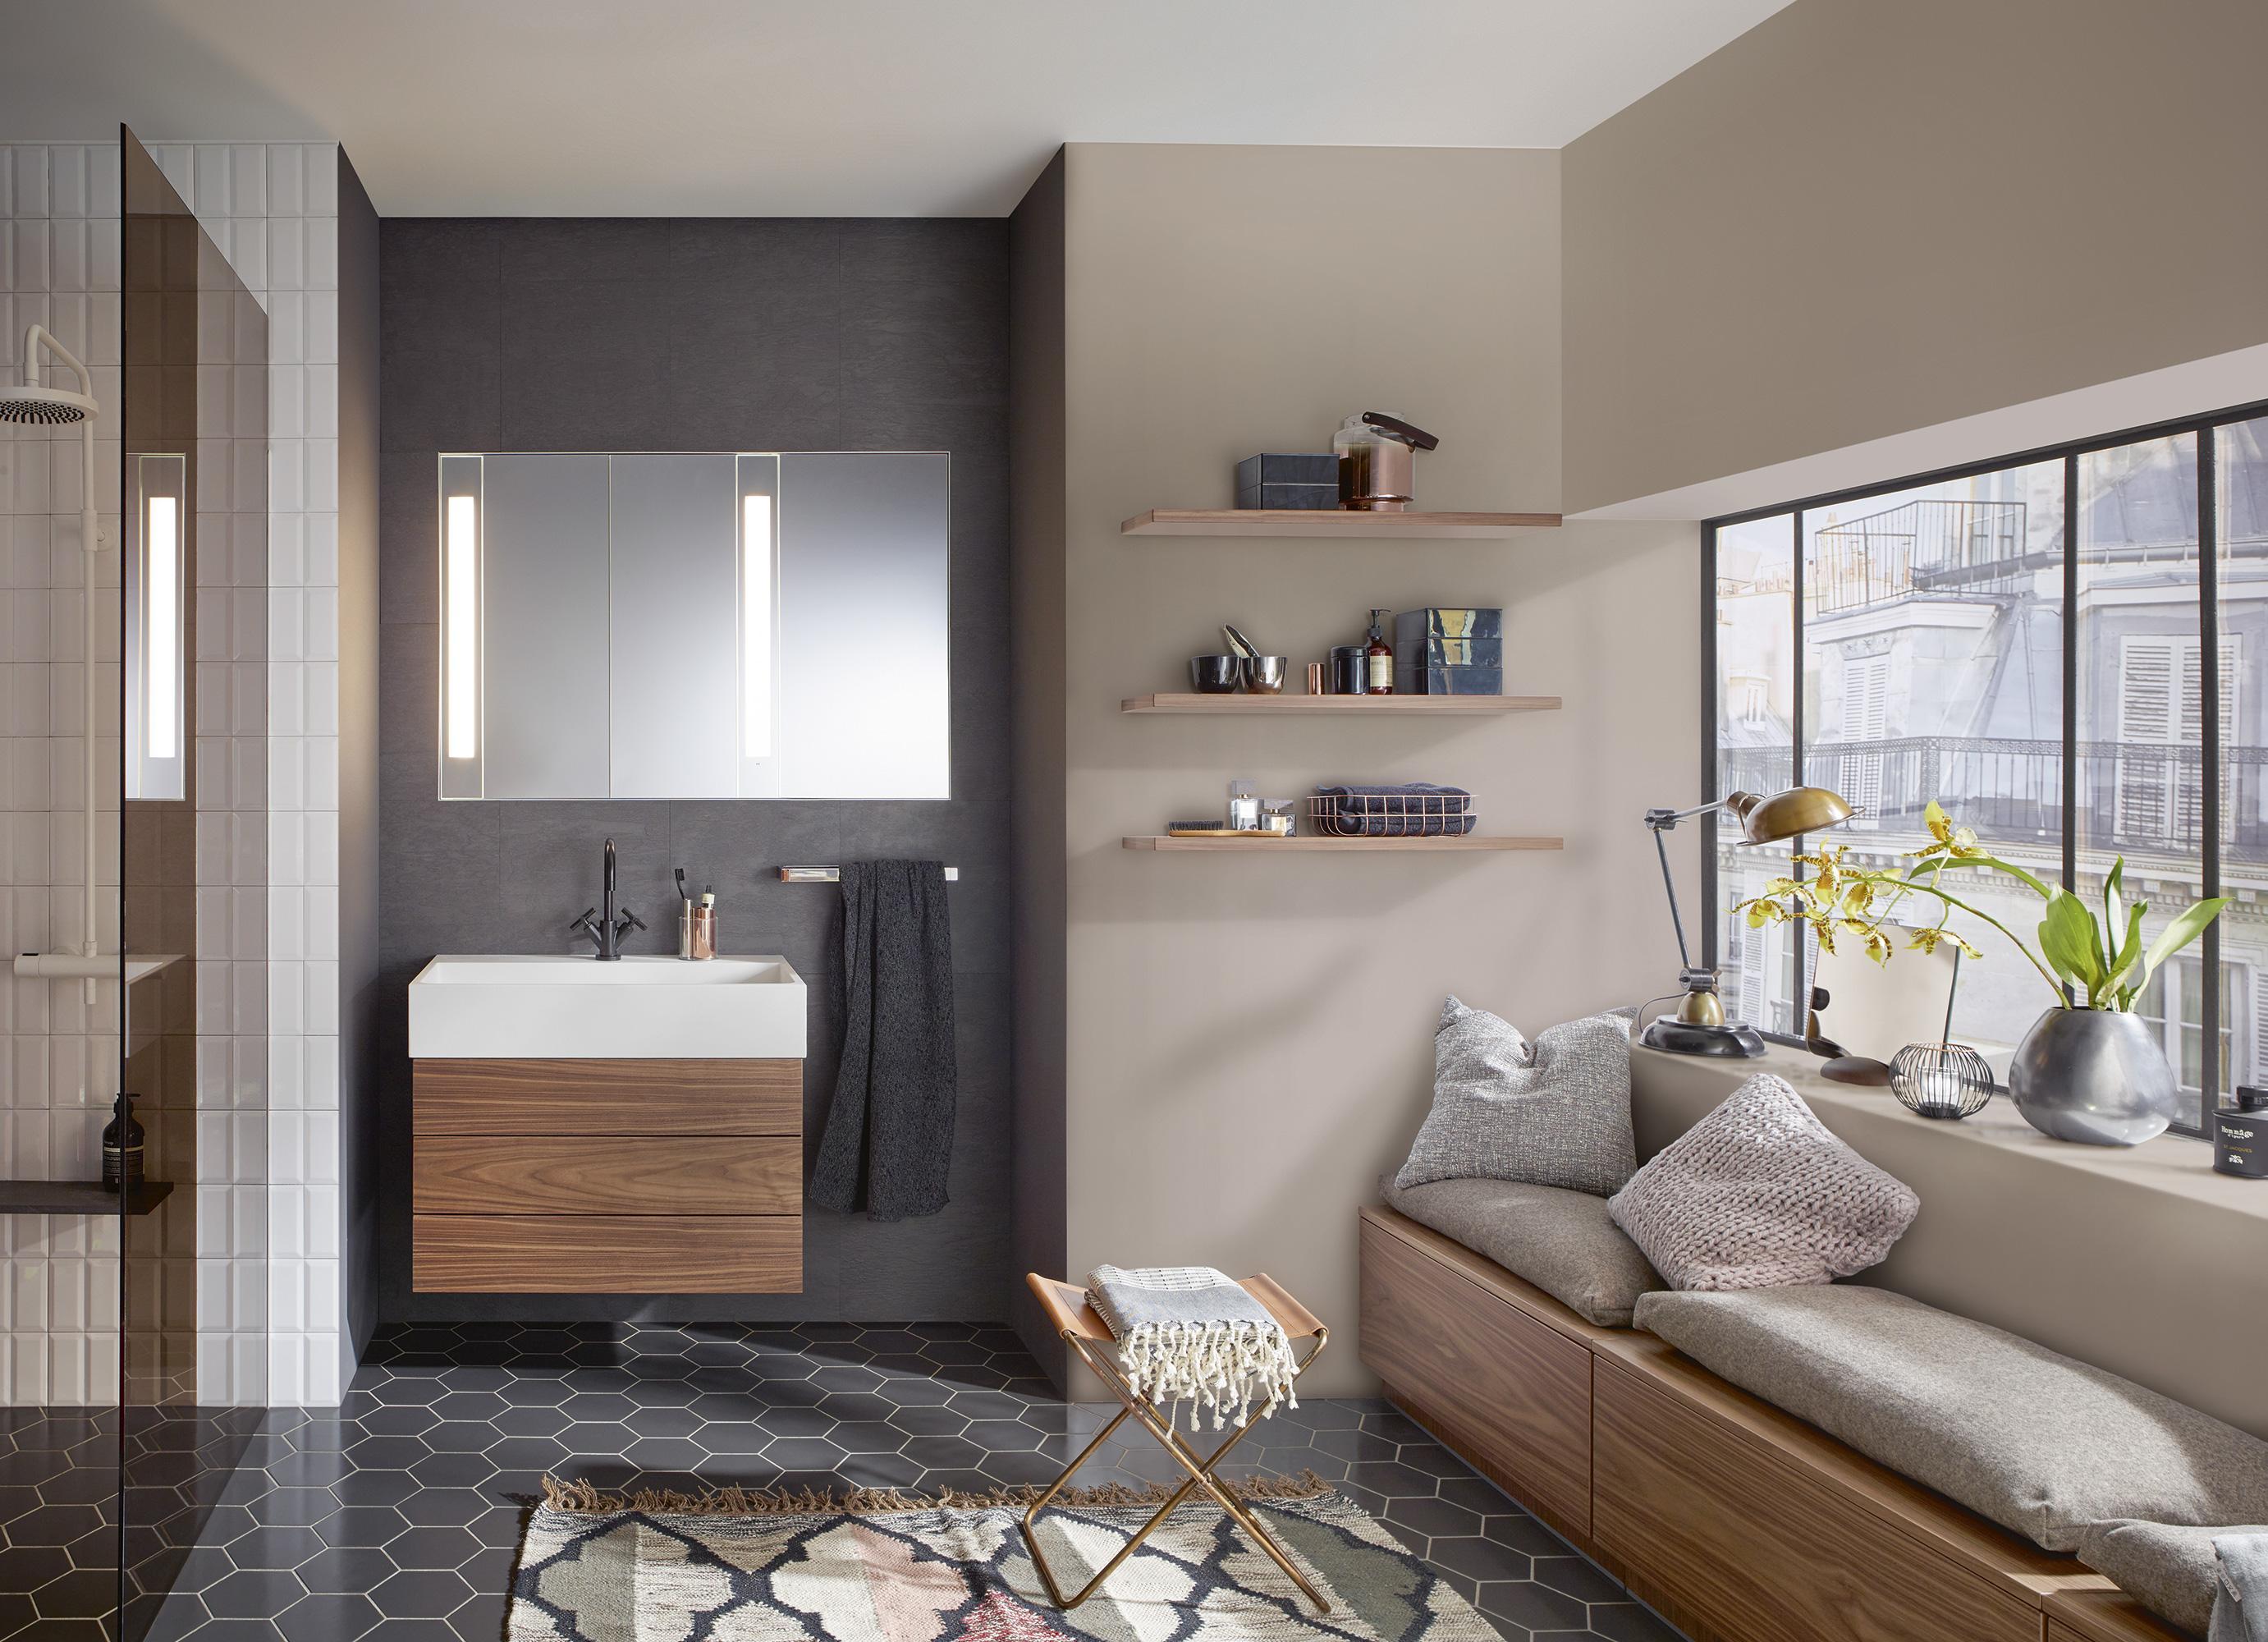 Burgbad Crono Badezimmer Mit Möbeln In Nussbaum #waschtisch #waschbecken  #wandablage #sitzecke #